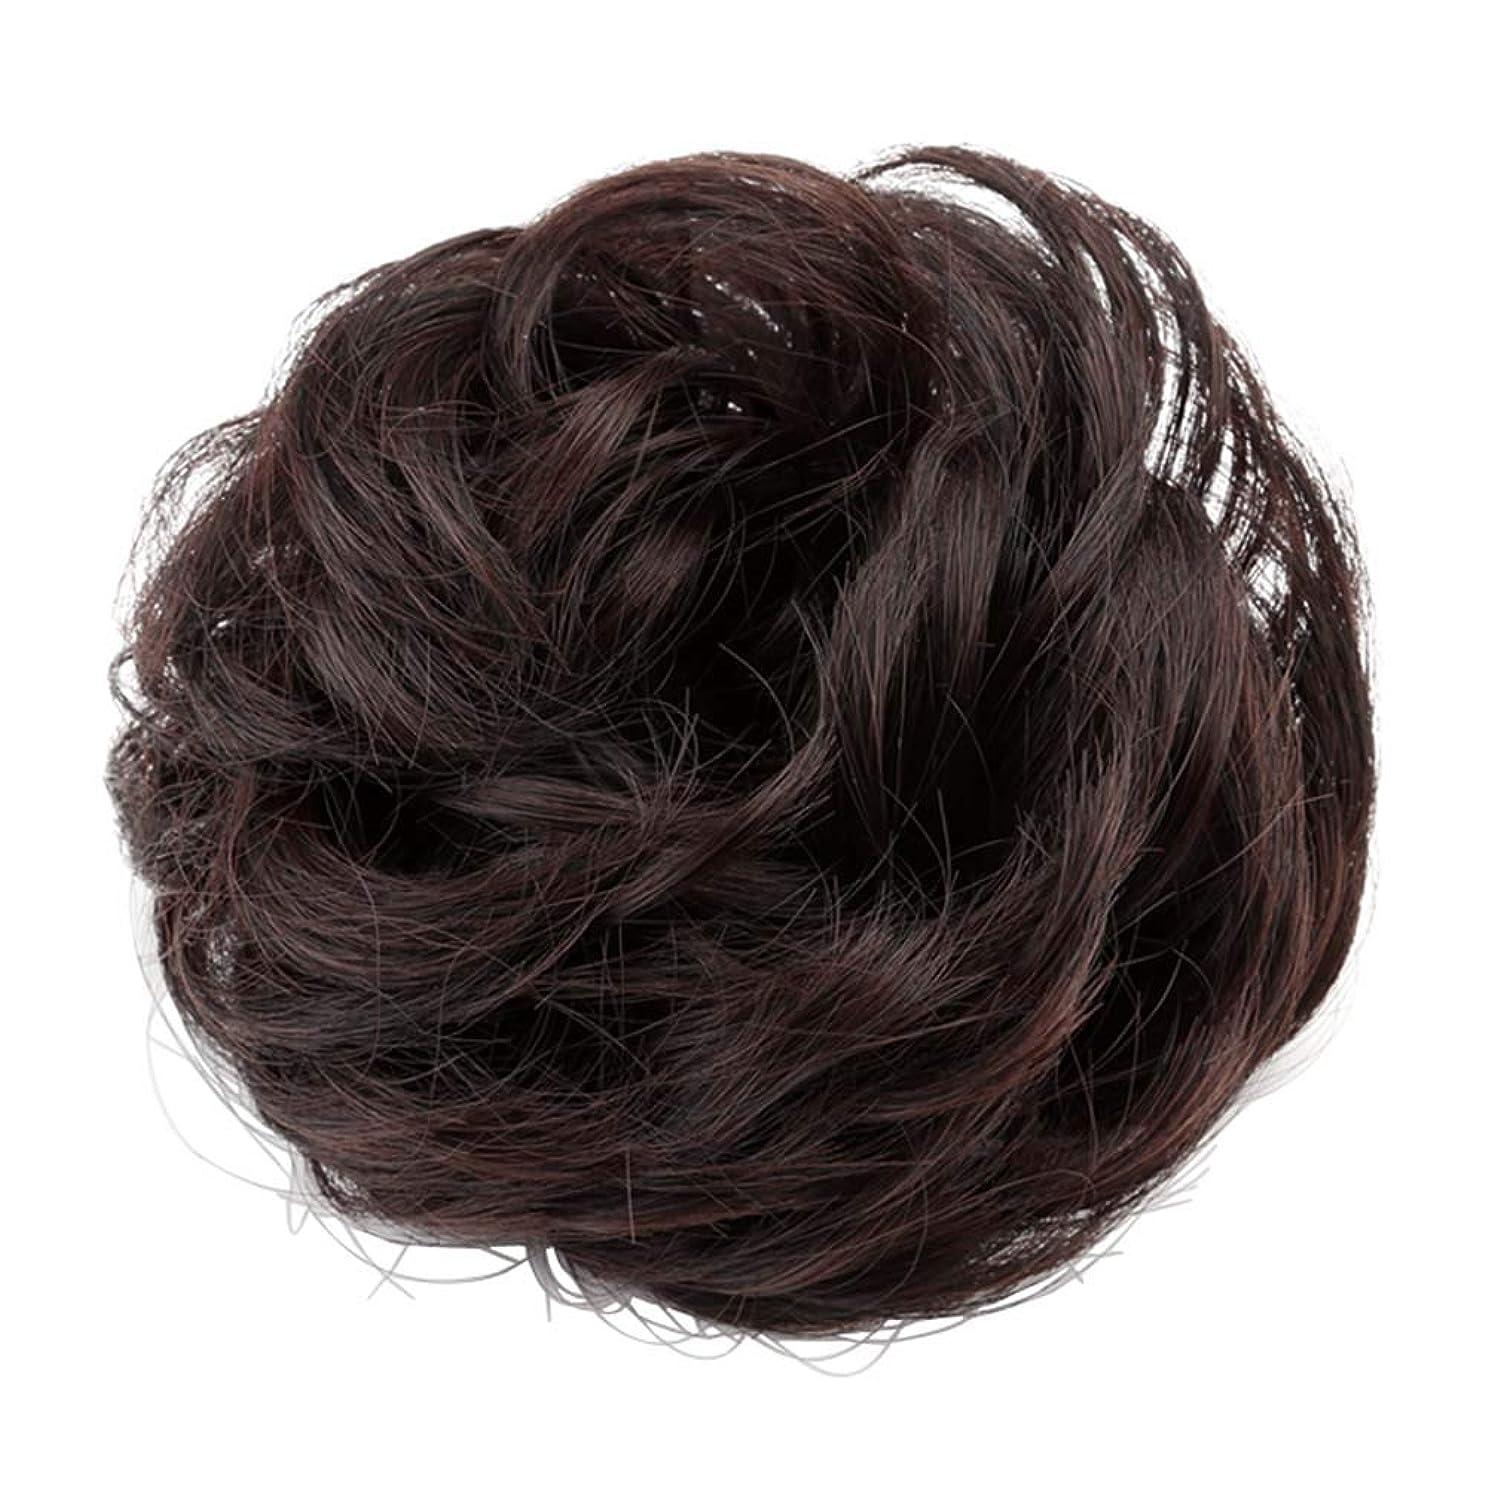 建築家チャーター地域の弾性ヘアバンド短い髪型ツール偽の髪のバンズ結婚式ヘアピース(焦げ茶色)